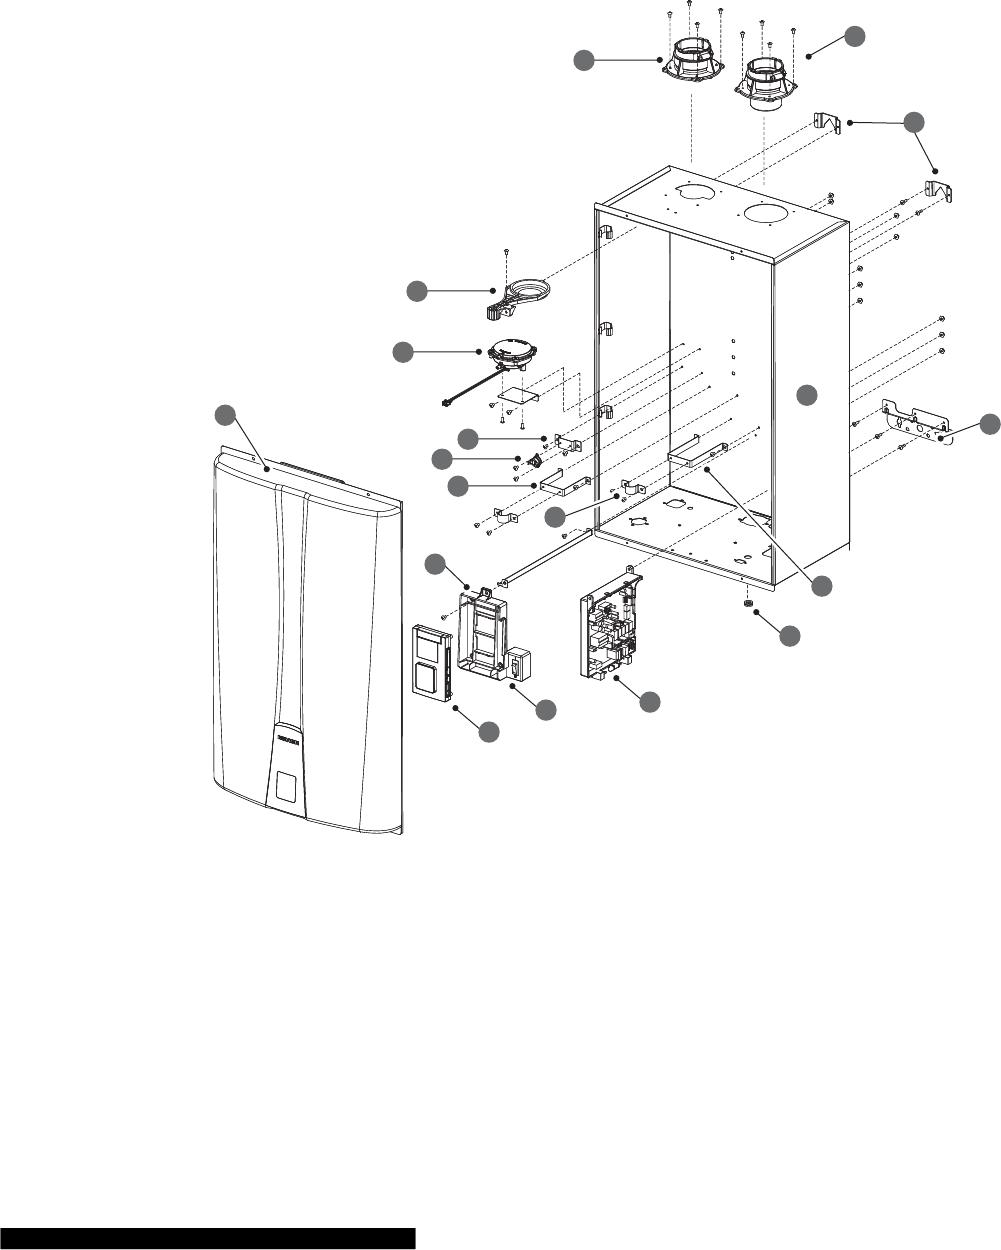 Navien Npe 180A Installation Manual 822449 ManualsLib